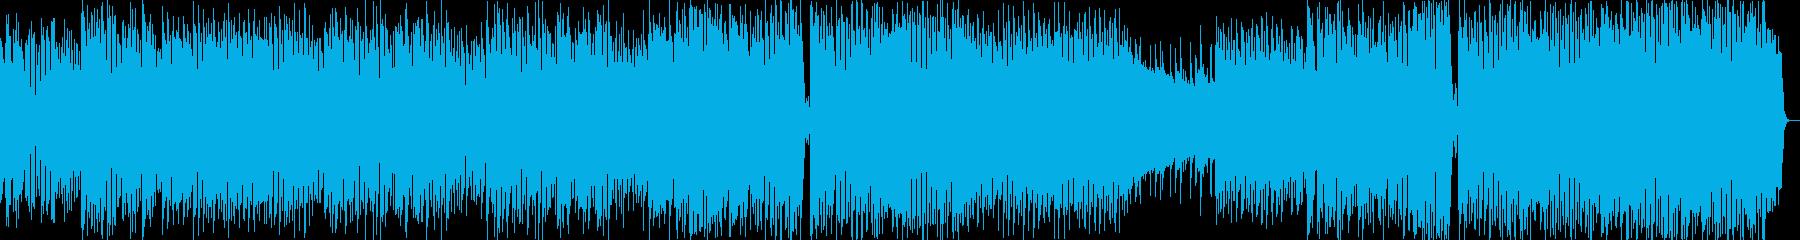 8bit風の和メロテクノポップスの再生済みの波形